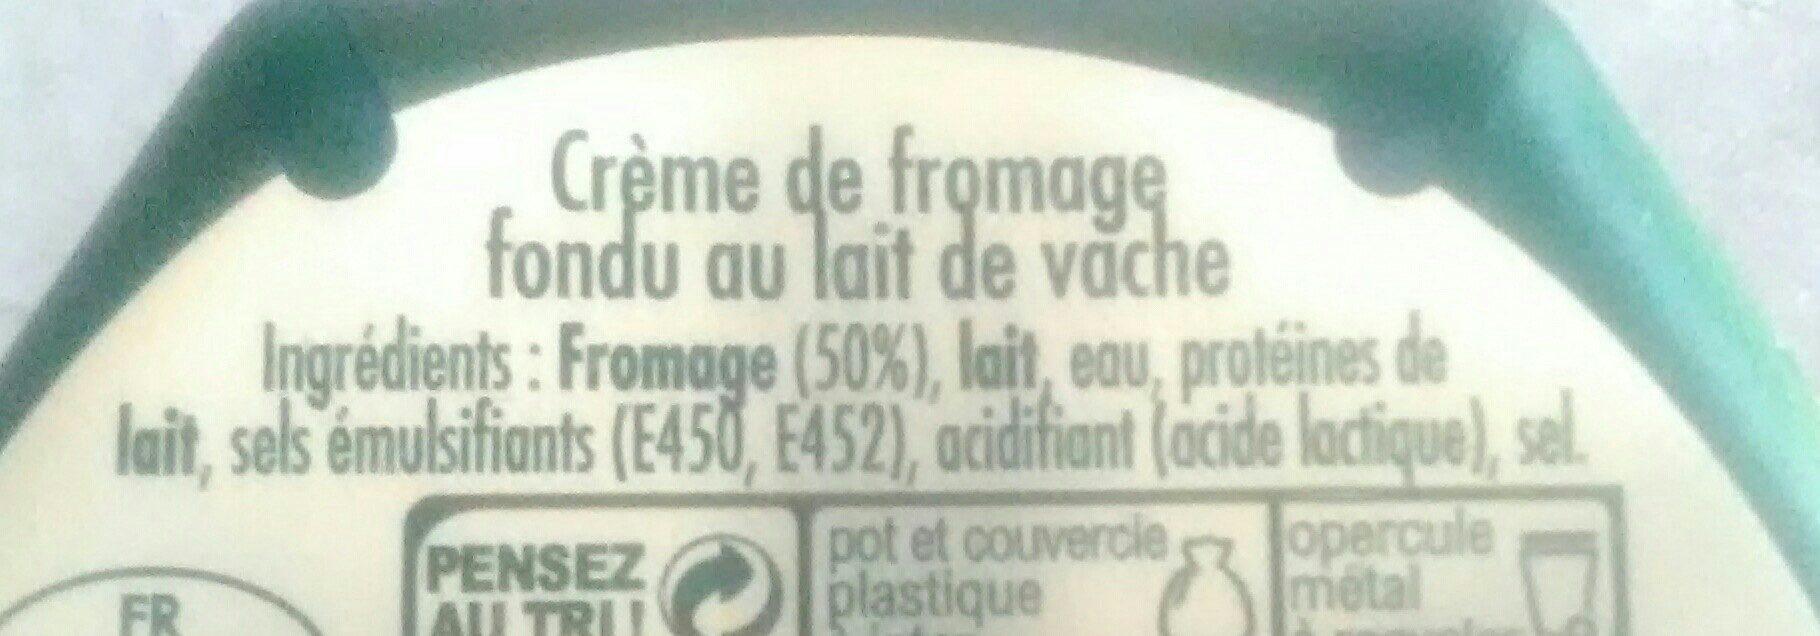 Crème de saint agur - Ingrédients - fr